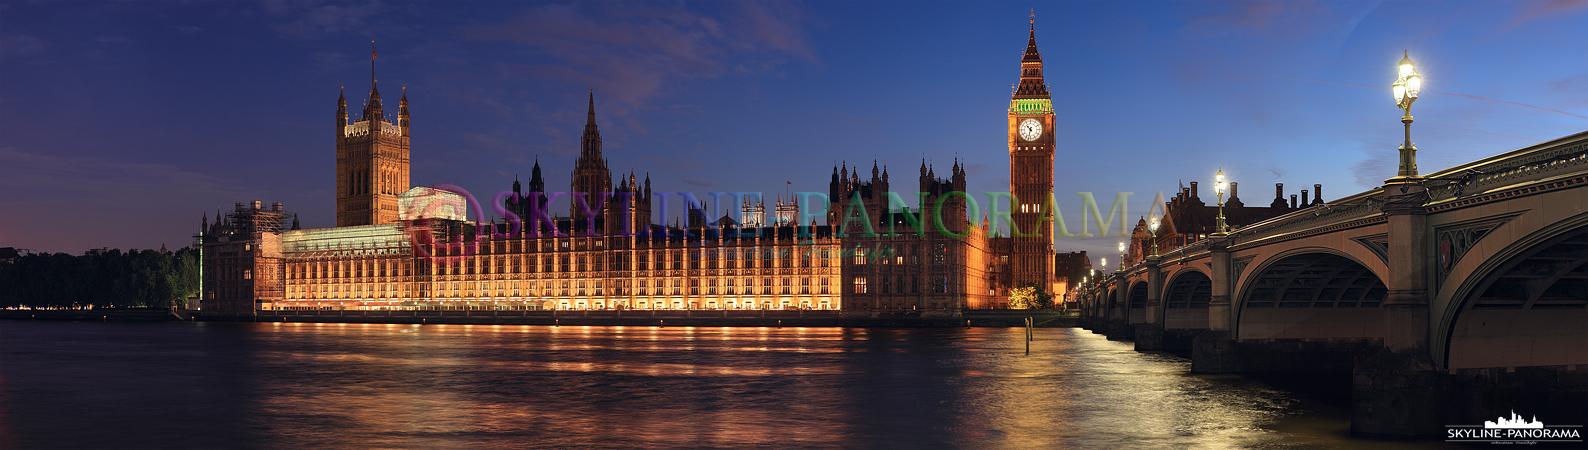 Bilder aus London – Panorama des Palace of Westminster mit dem Glockenturm Big Ben und der Westminster Bridge vom Ufer der Themse aus aufgenommen.